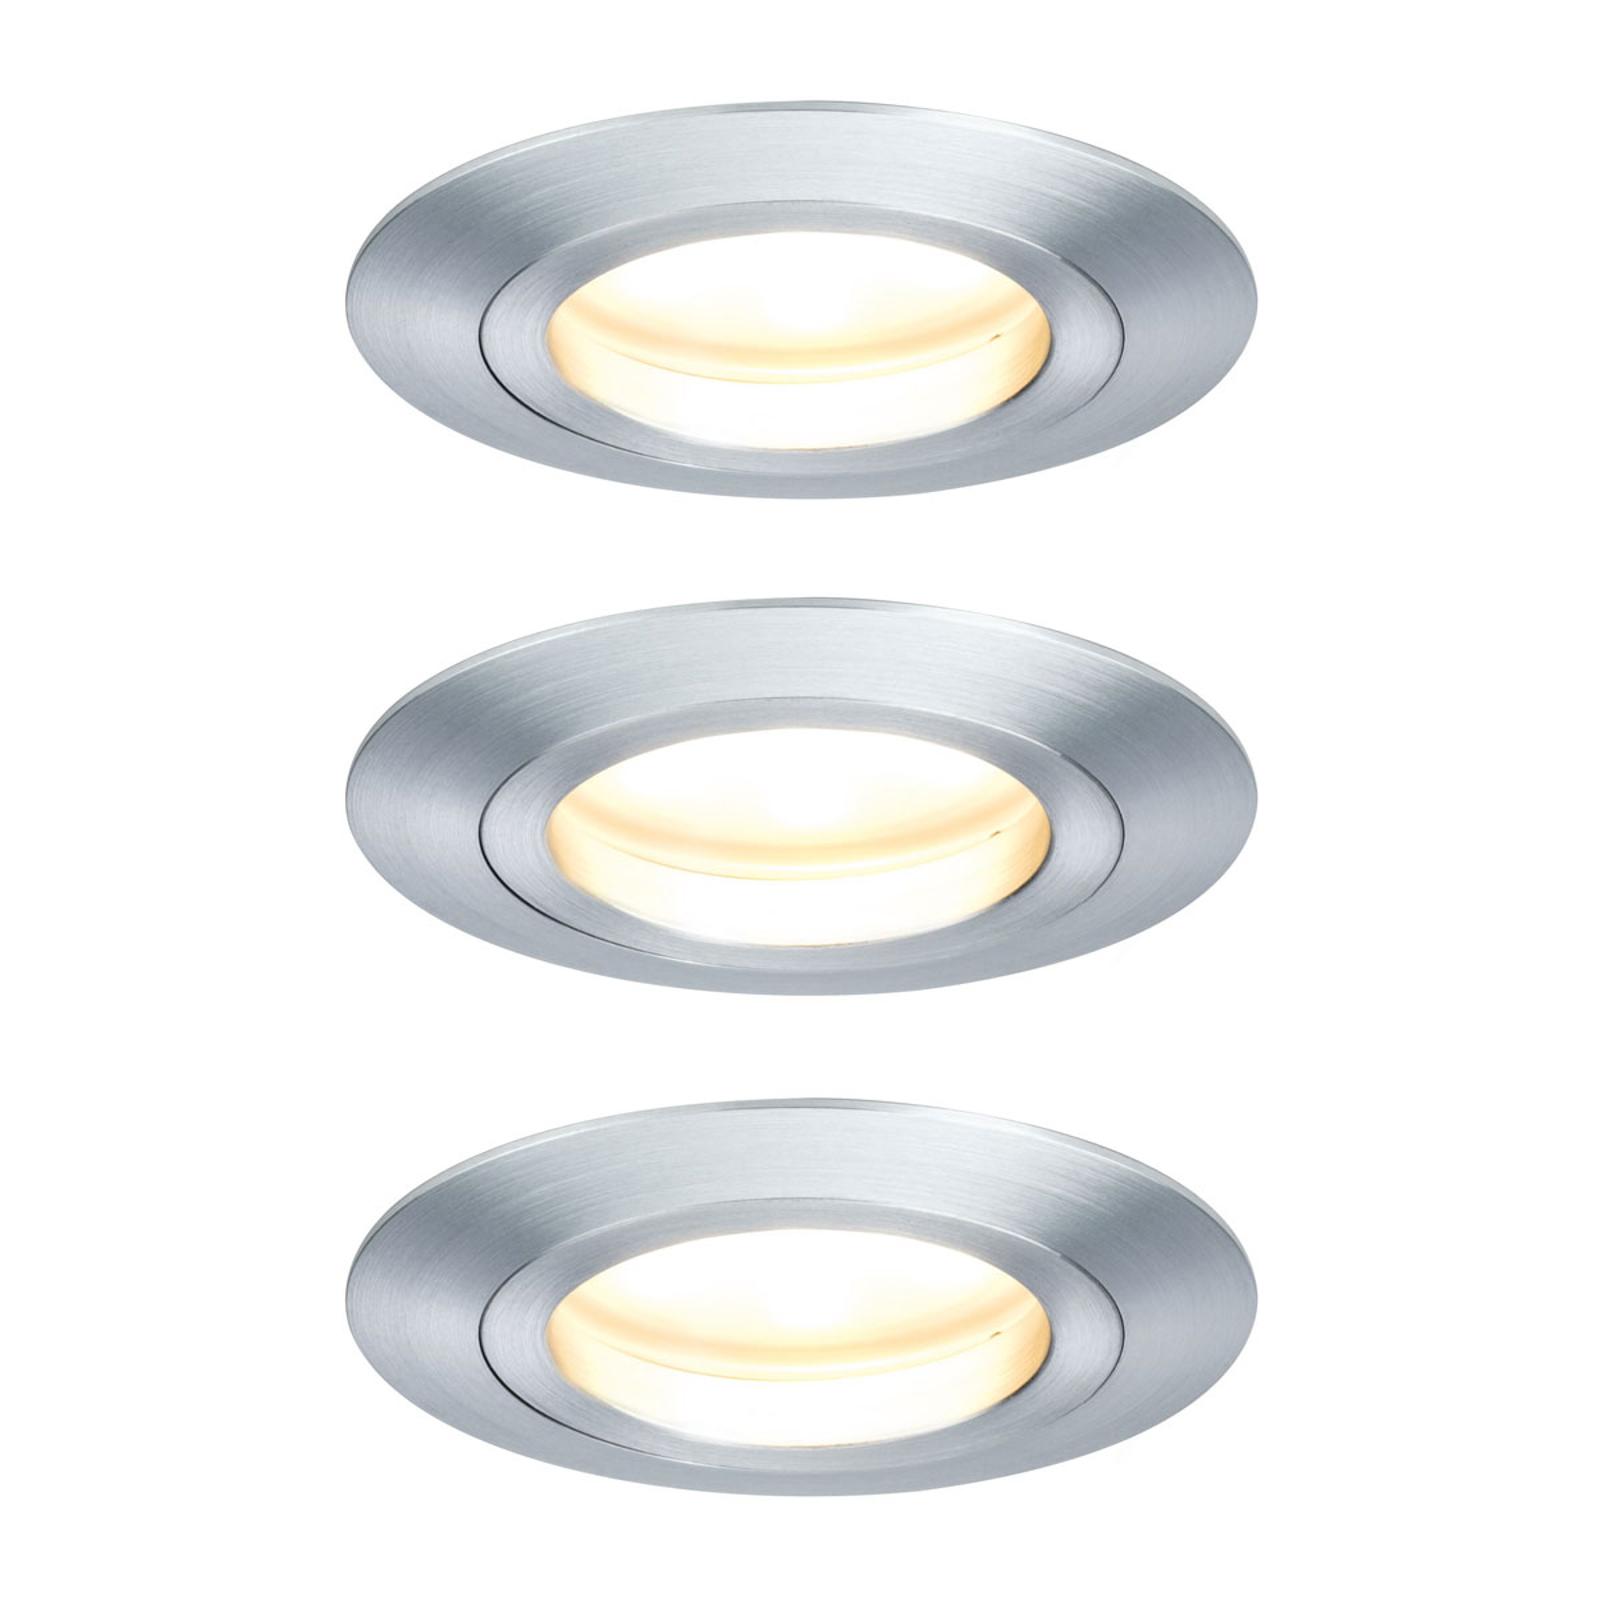 Paulmann 3x LED bodové svítidlo Coin, 7W, hliník